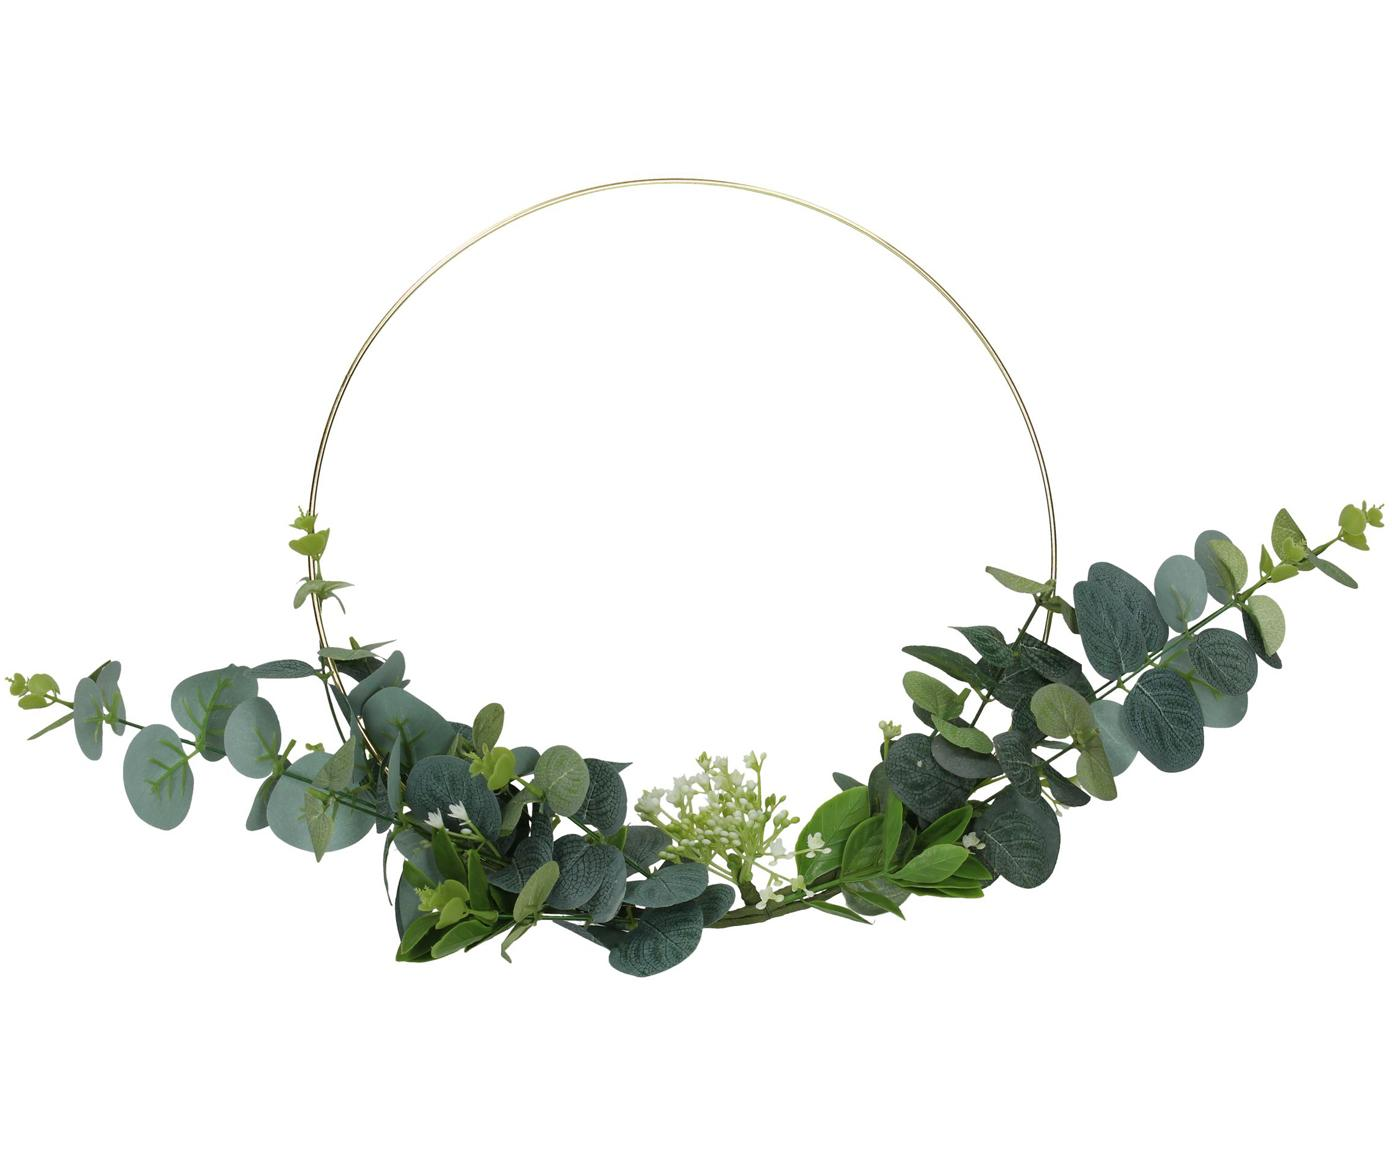 Oggetto decorativo Eightmile, Decorazione: materiale sintetico, Ottonato, verde, Larg. 30 x Alt. 30 cm